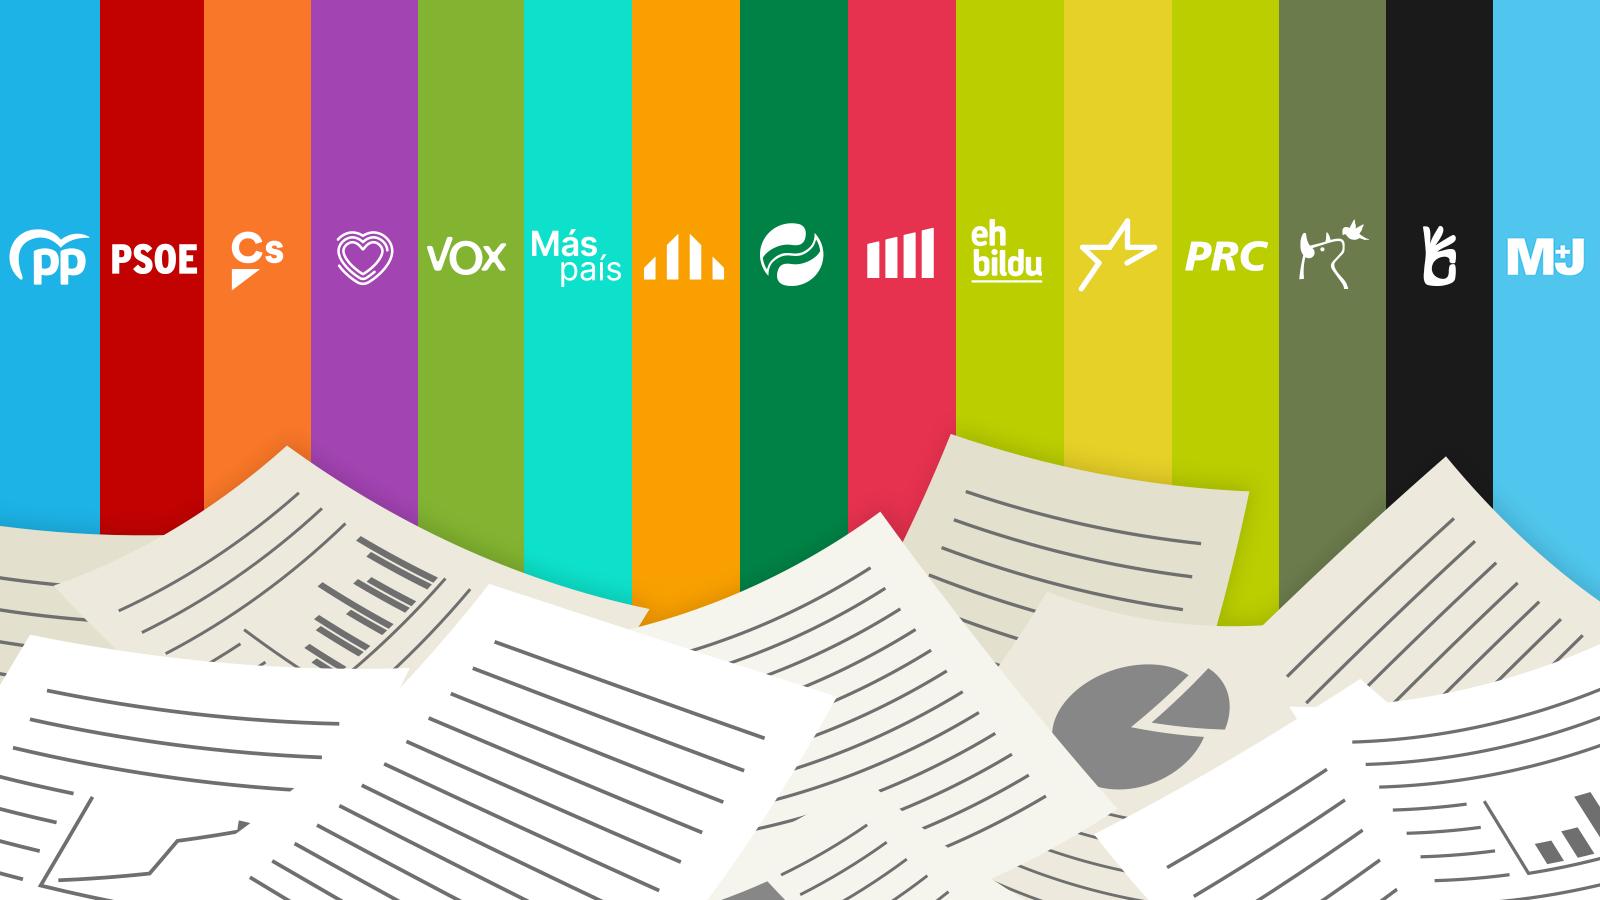 Comparador de programas interactivo: elige temas y partidos y mira qué proponen